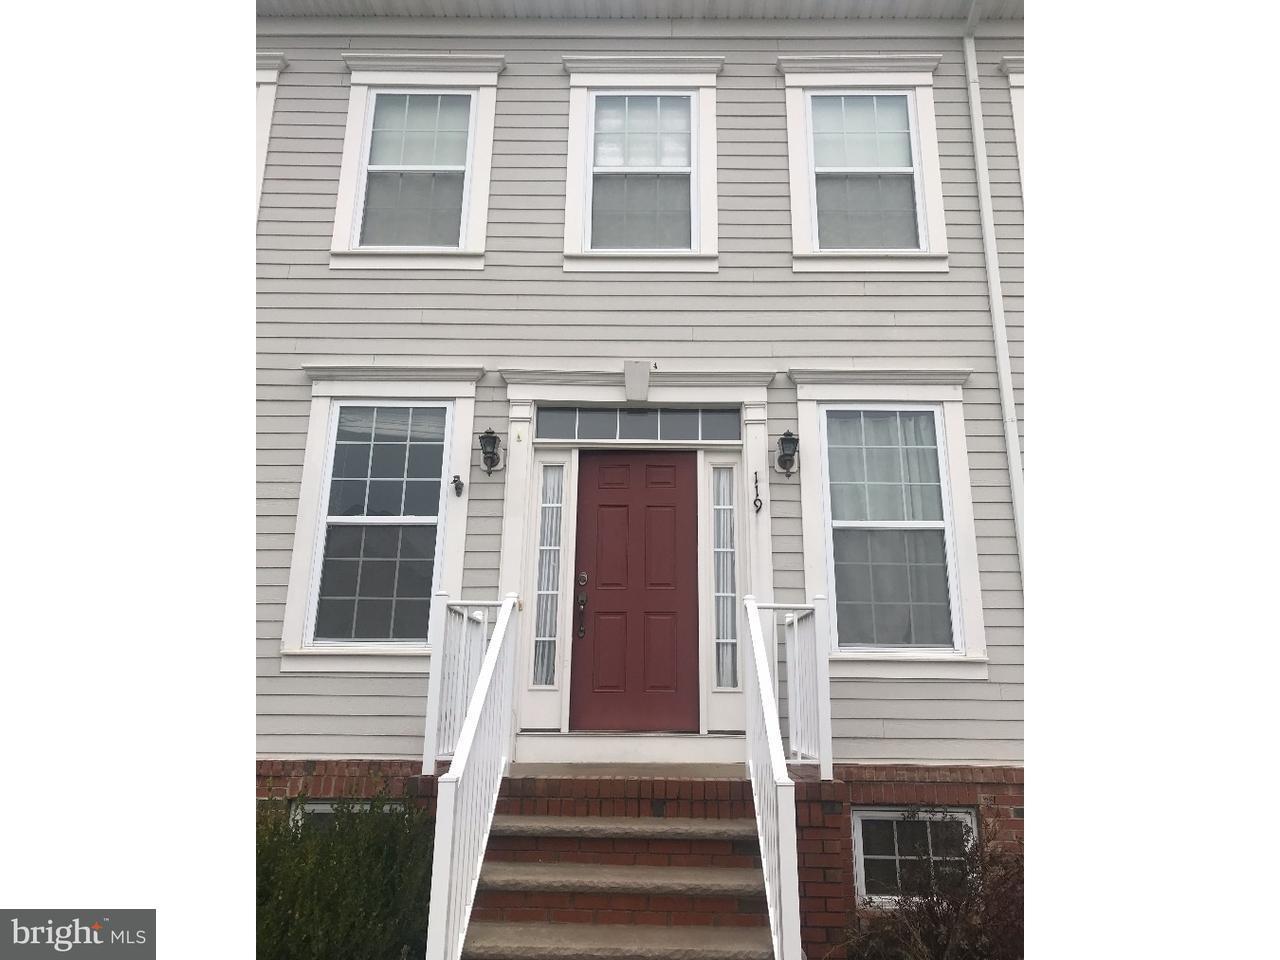 Casa unifamiliar adosada (Townhouse) por un Alquiler en 119 STAR Drive Eastampton, Nueva Jersey 08060 Estados Unidos